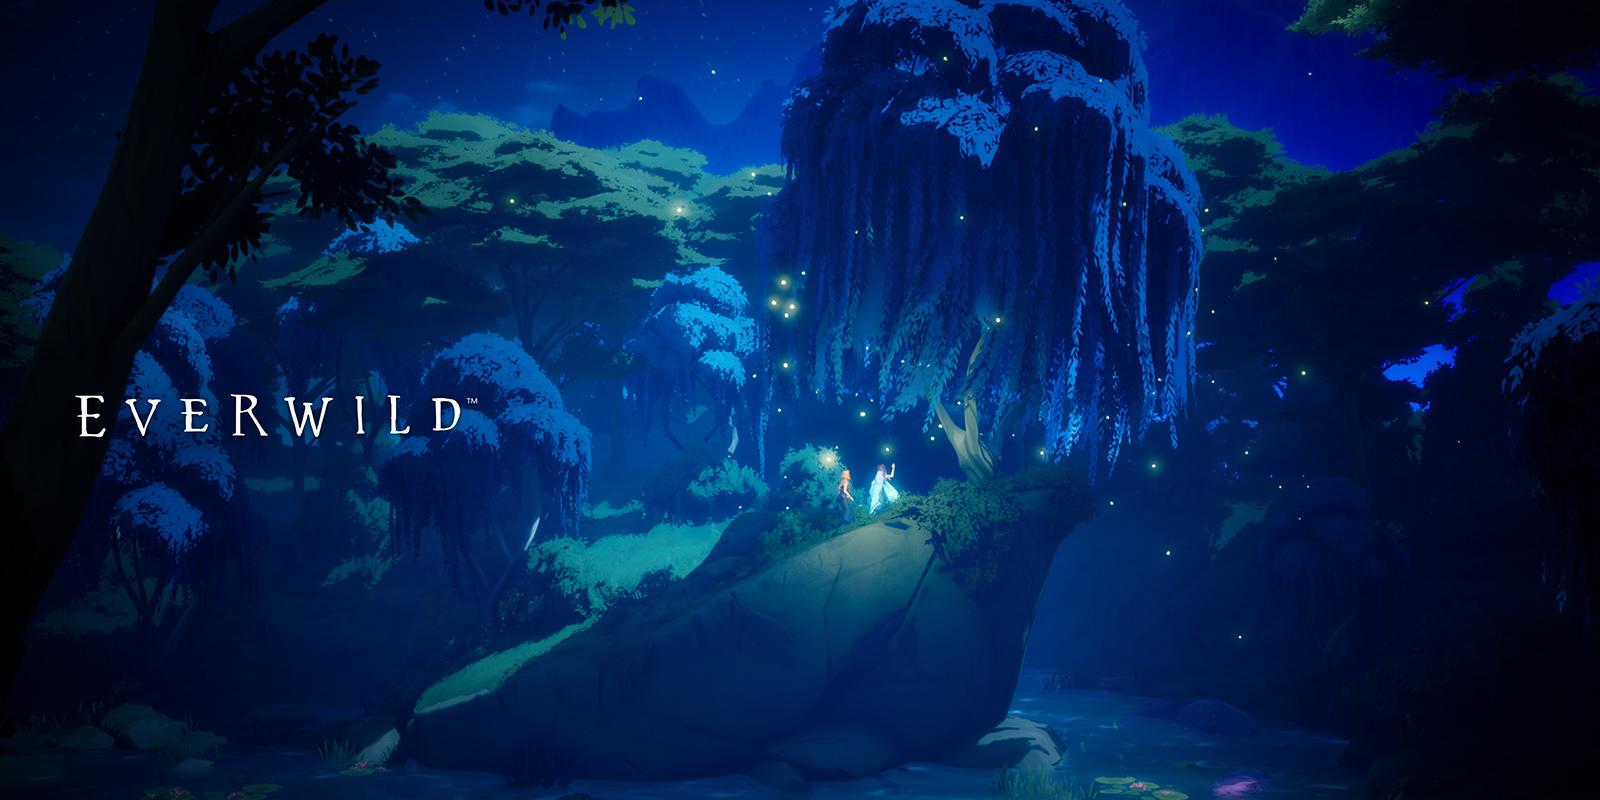 неММО: Новый трейлер Everwild